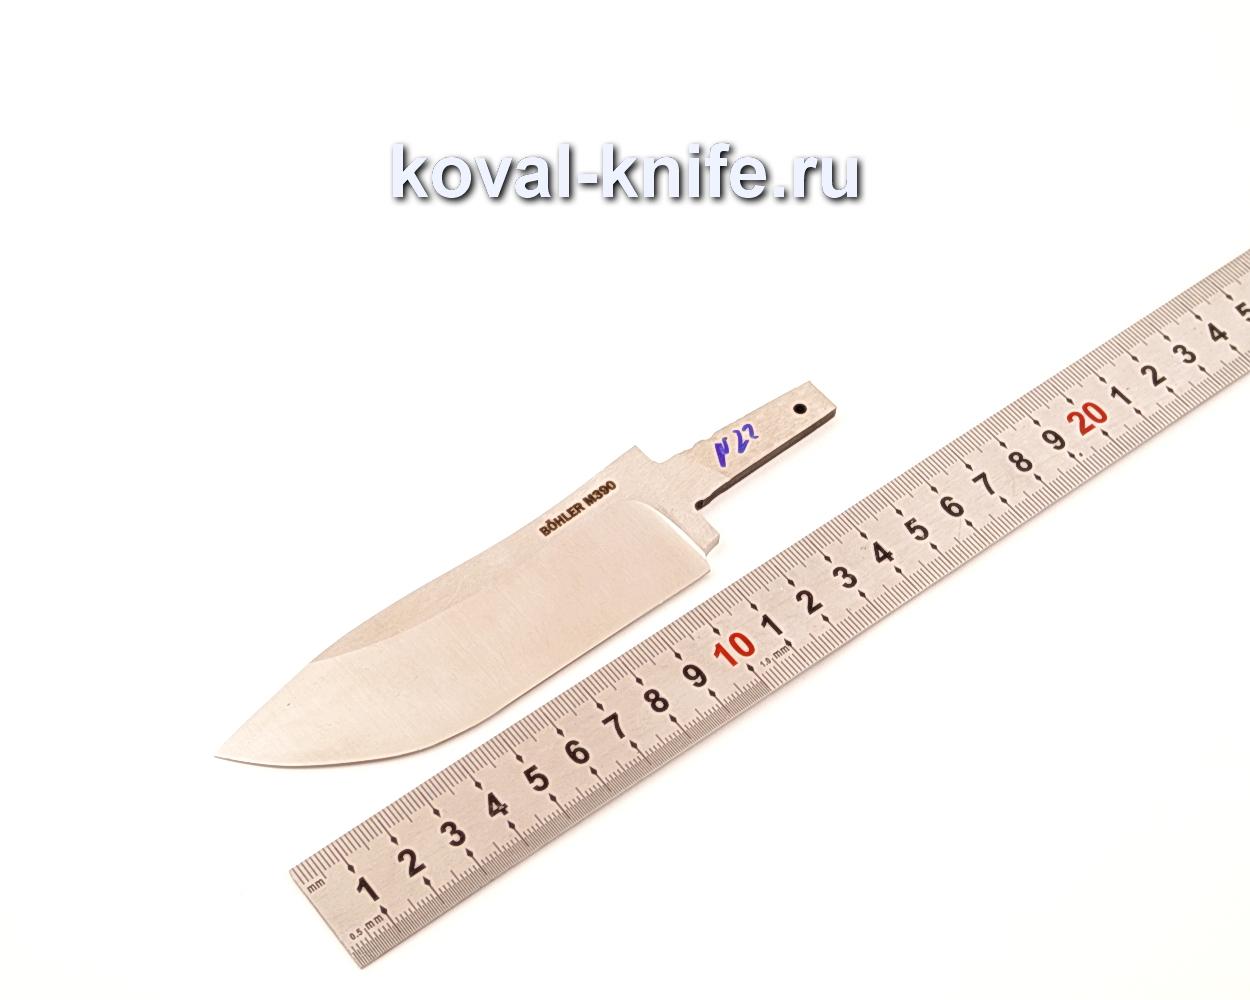 Клинок для ножа из порошковой стали Bohler M390 N22